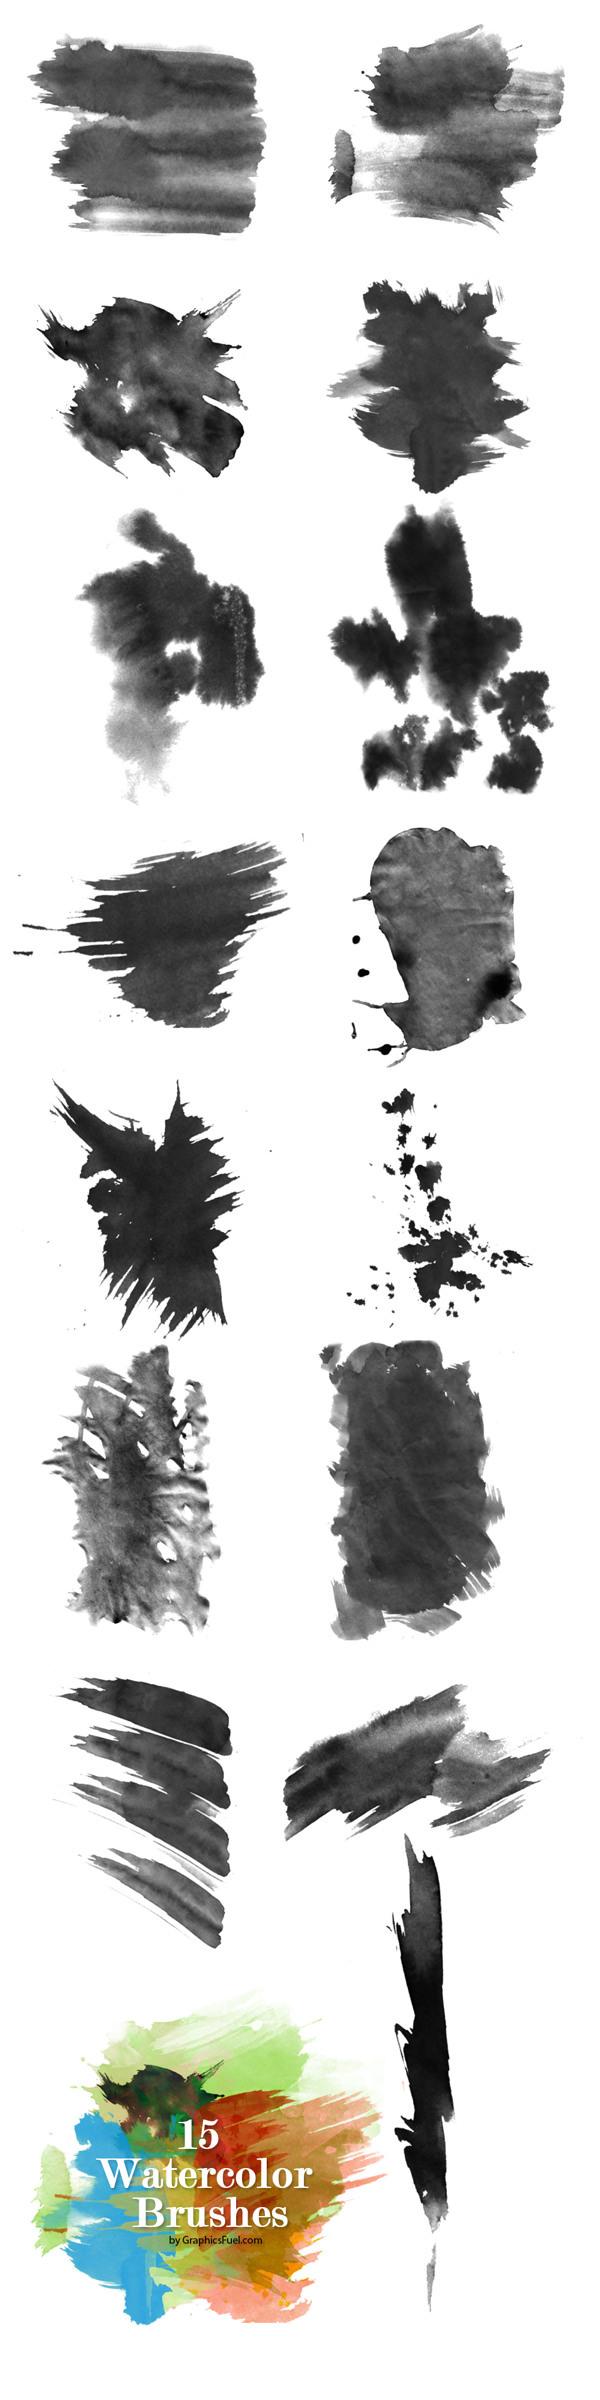 15 가지 무료 포토샵 수채화 브러쉬 - 15 Free Watercolor Brushes